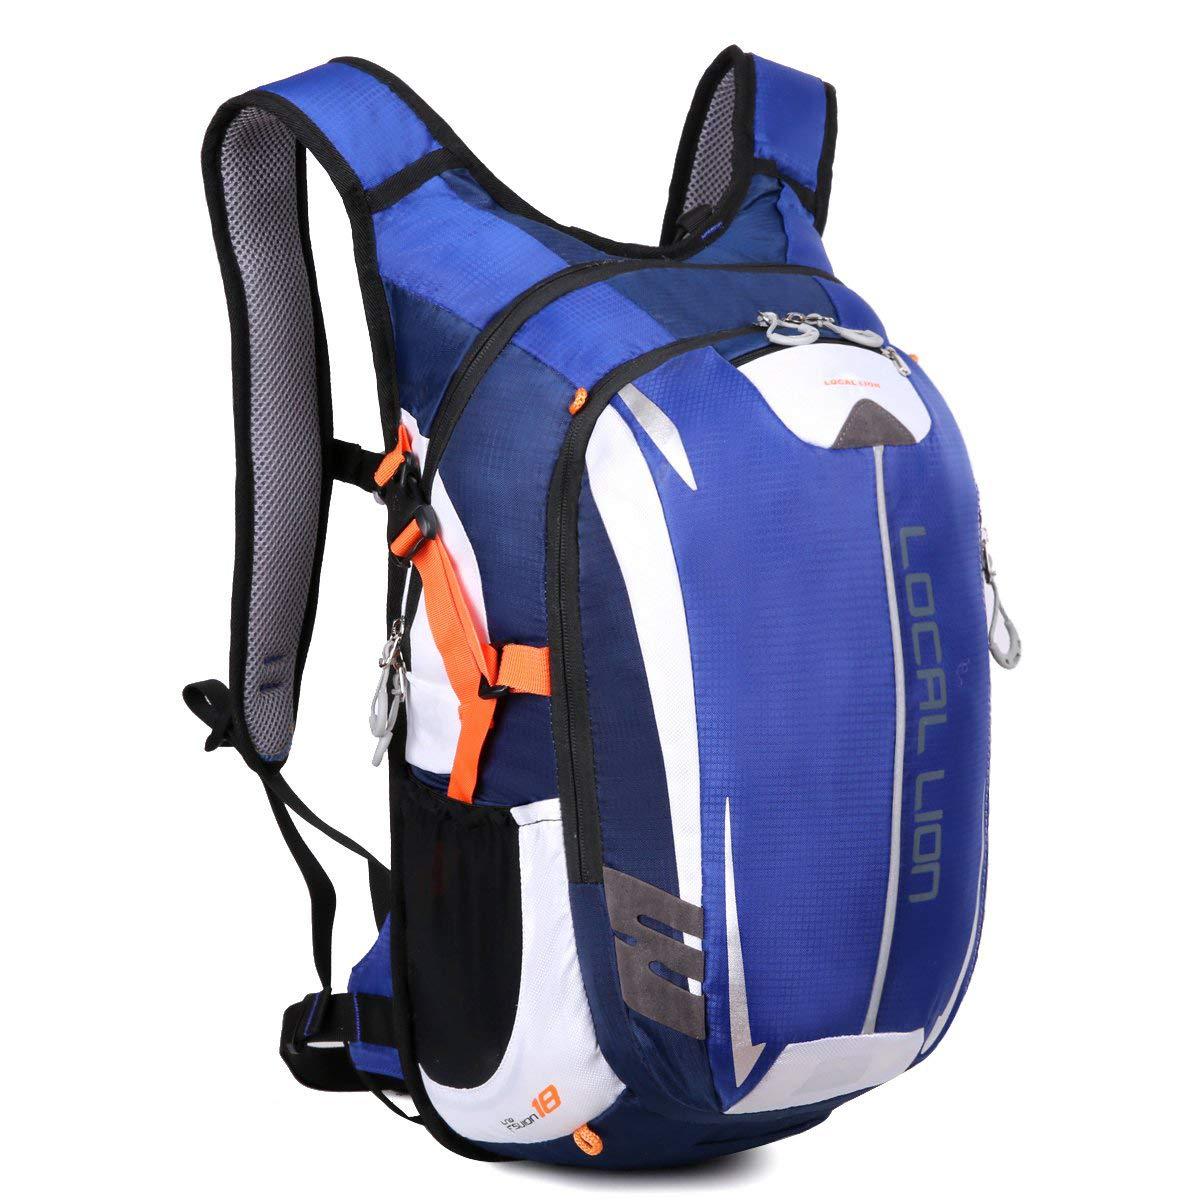 LOCAL LION Fahrradrucksack Trinkrucksack Reiserucksack Sportrucksack Tagesrucksack Alltags Daypacks Backpack Outdoor Ultraleicht Unisex 18L